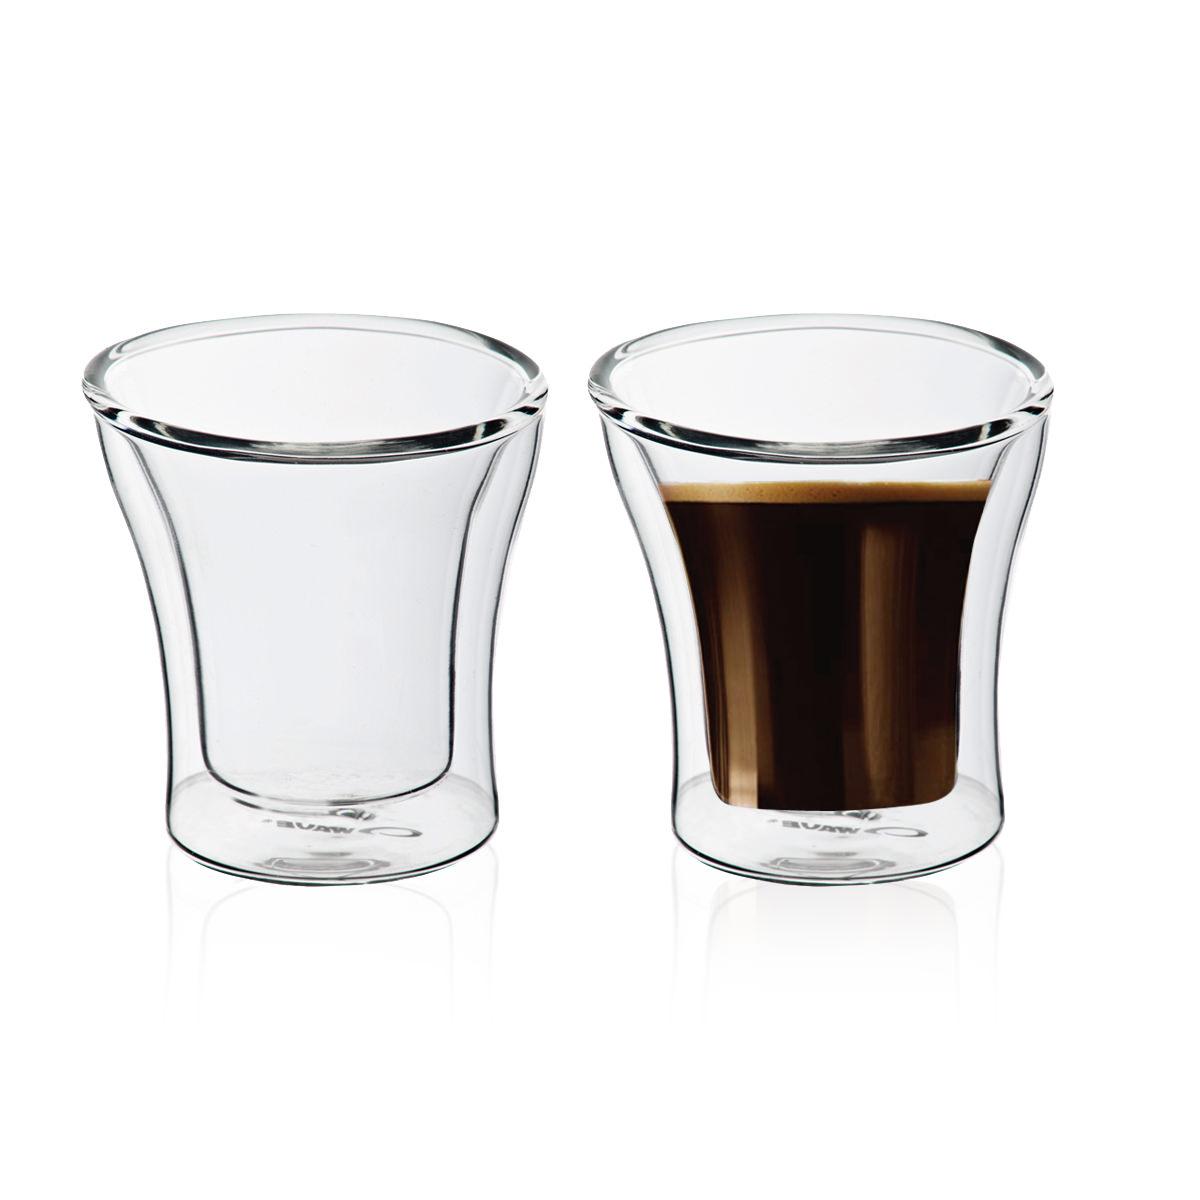 """זוג כוסות זכוכית עם דופן כפולה 100 מ""""ל - פרו"""